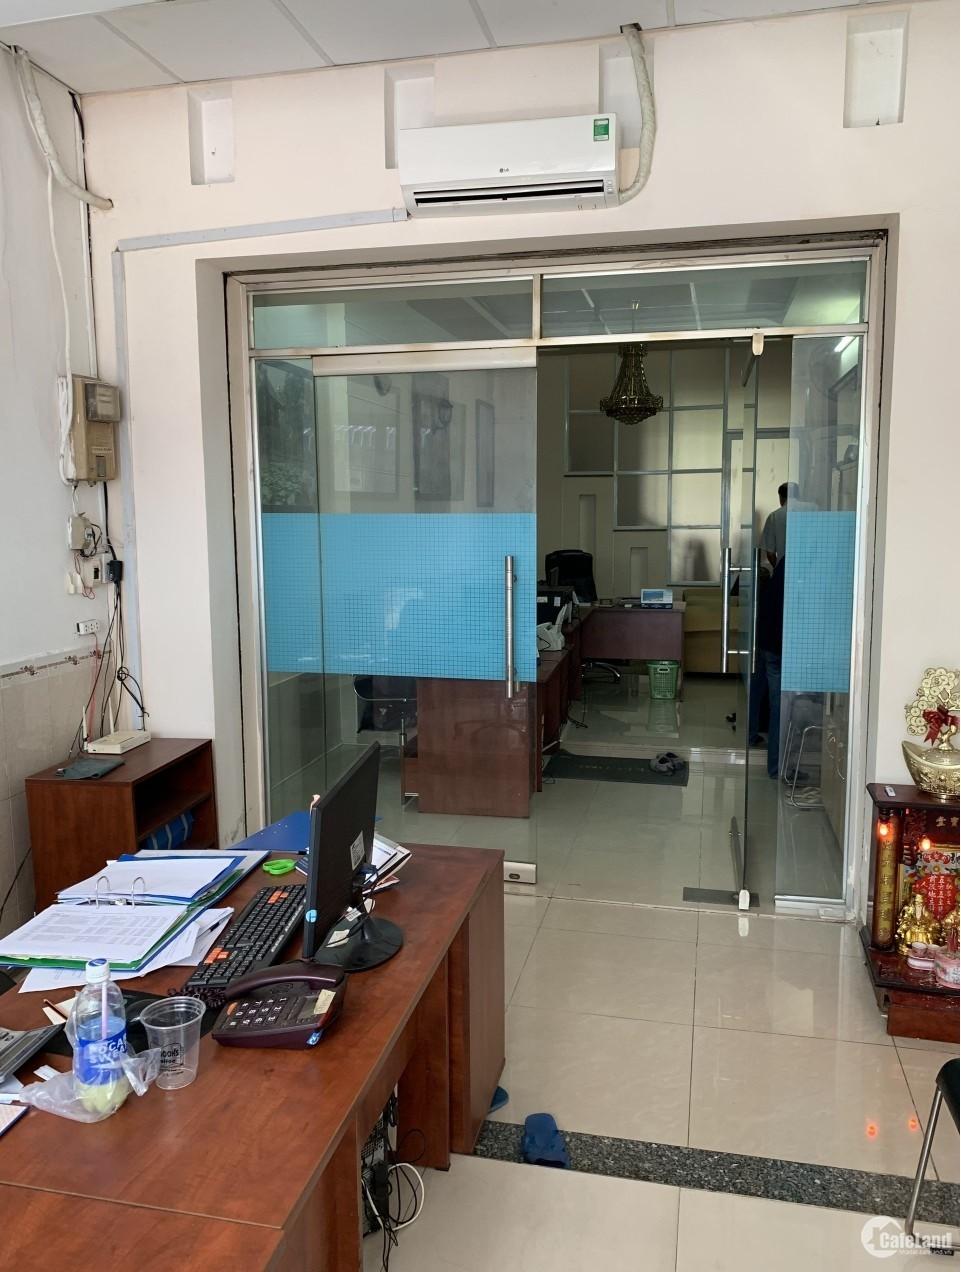 Bán nhà mặt tiền kinh doanh đường số 17 P. Tân Quy, Quận 7.